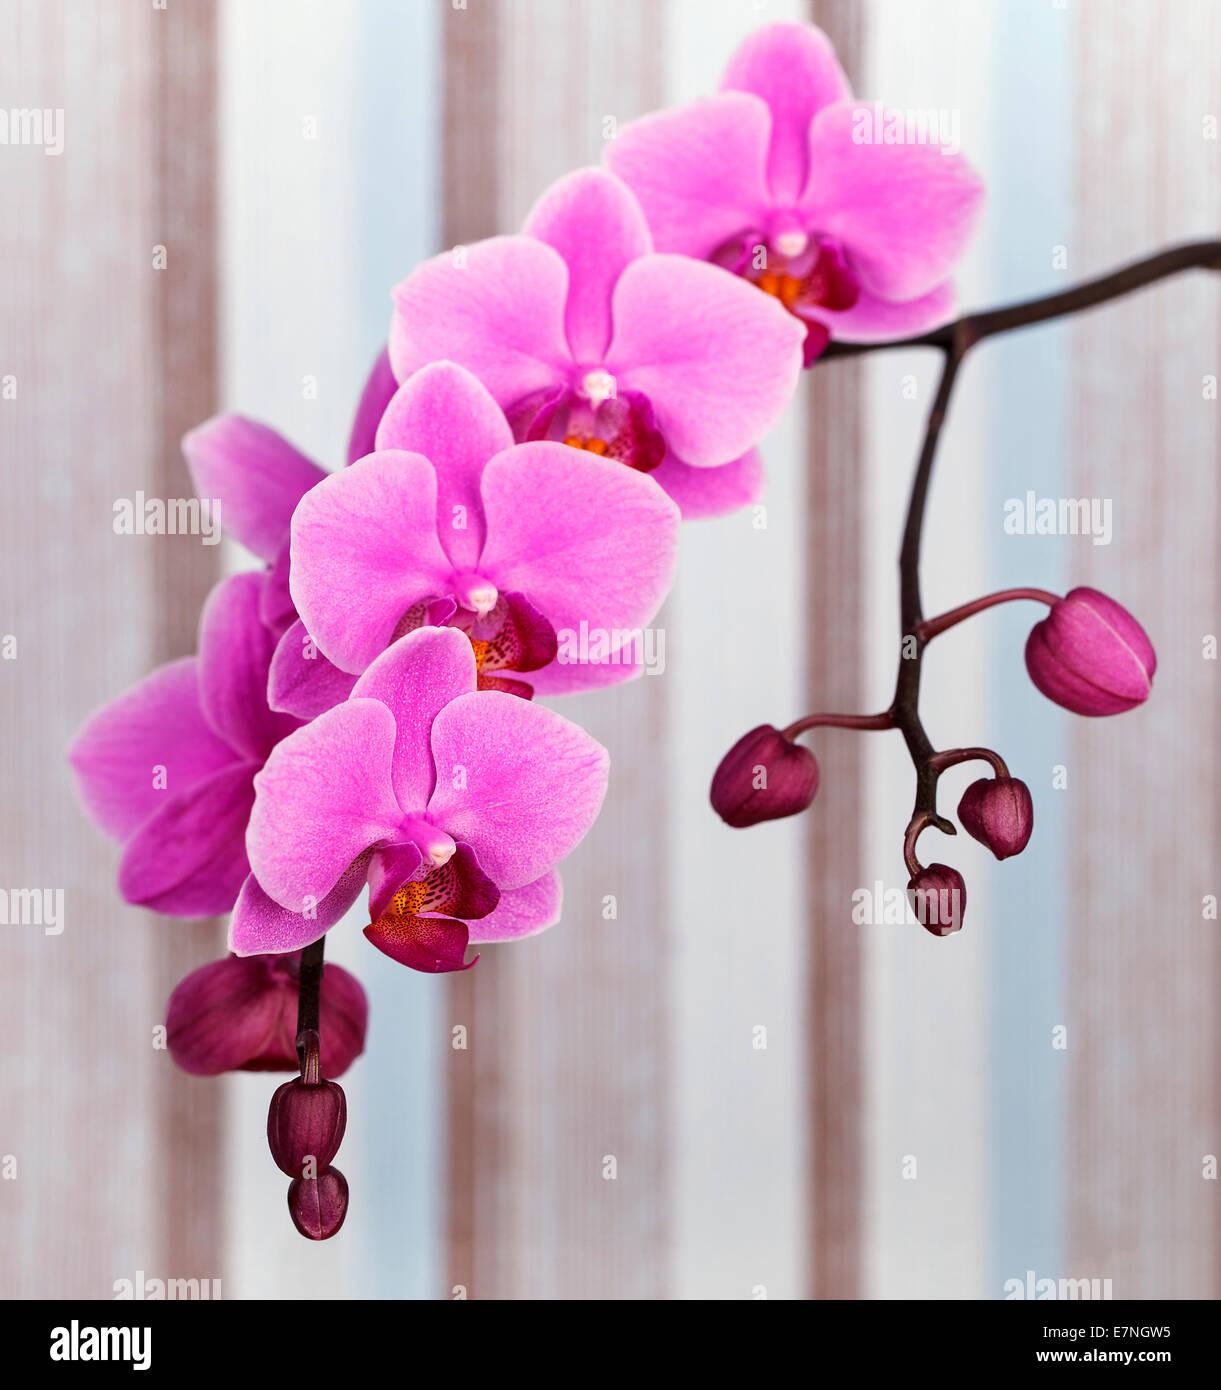 Gros Plan De Fleur Orchidee Rose Sur Un Fond Raye Pastel Banque D